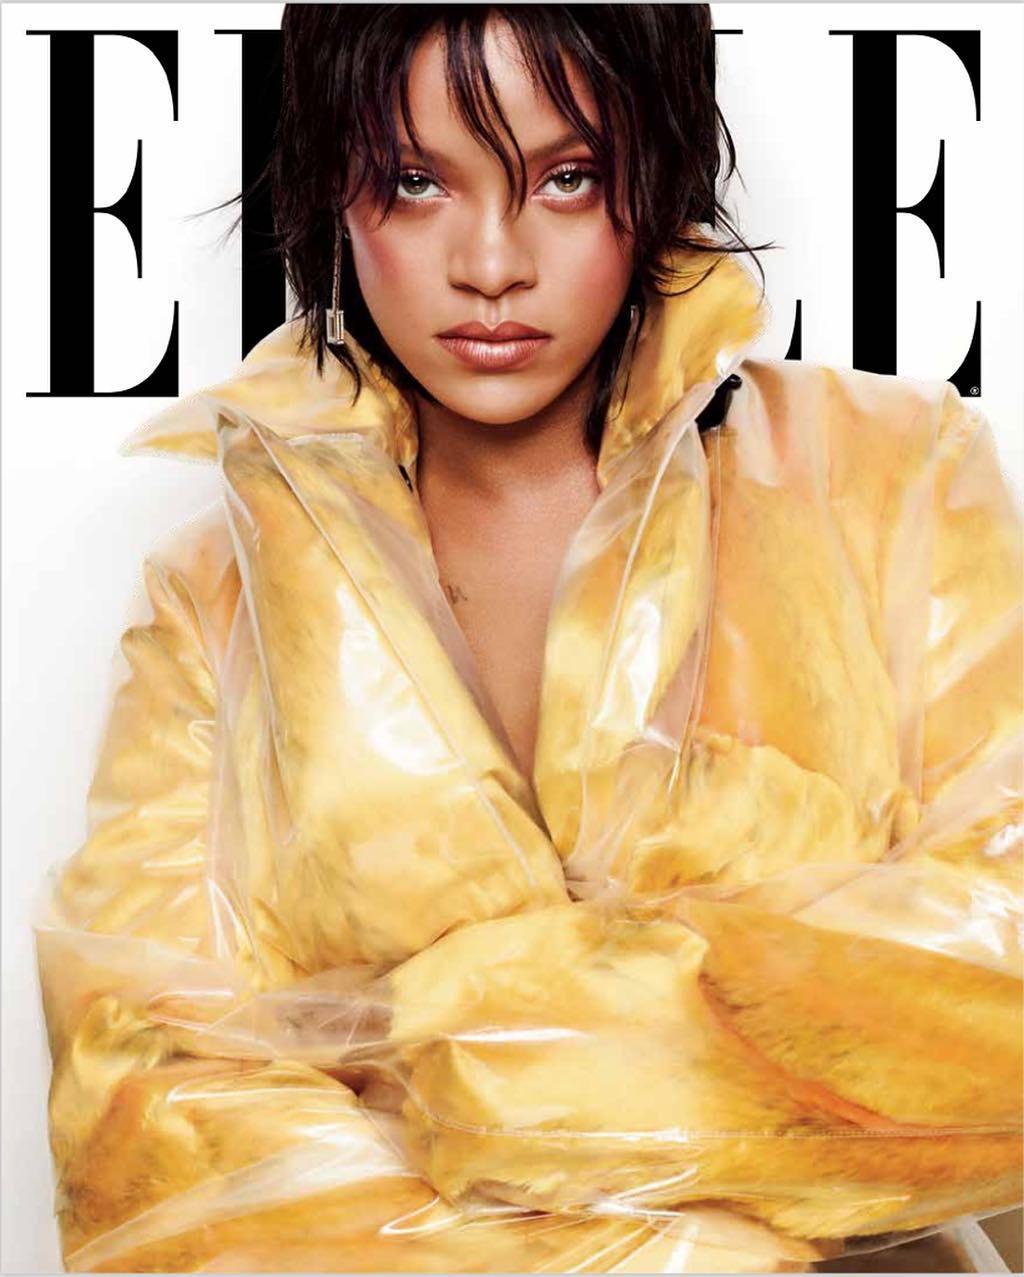 Rihanna đẹp mê hồn trên bìa tạp chí ELLE tháng 10